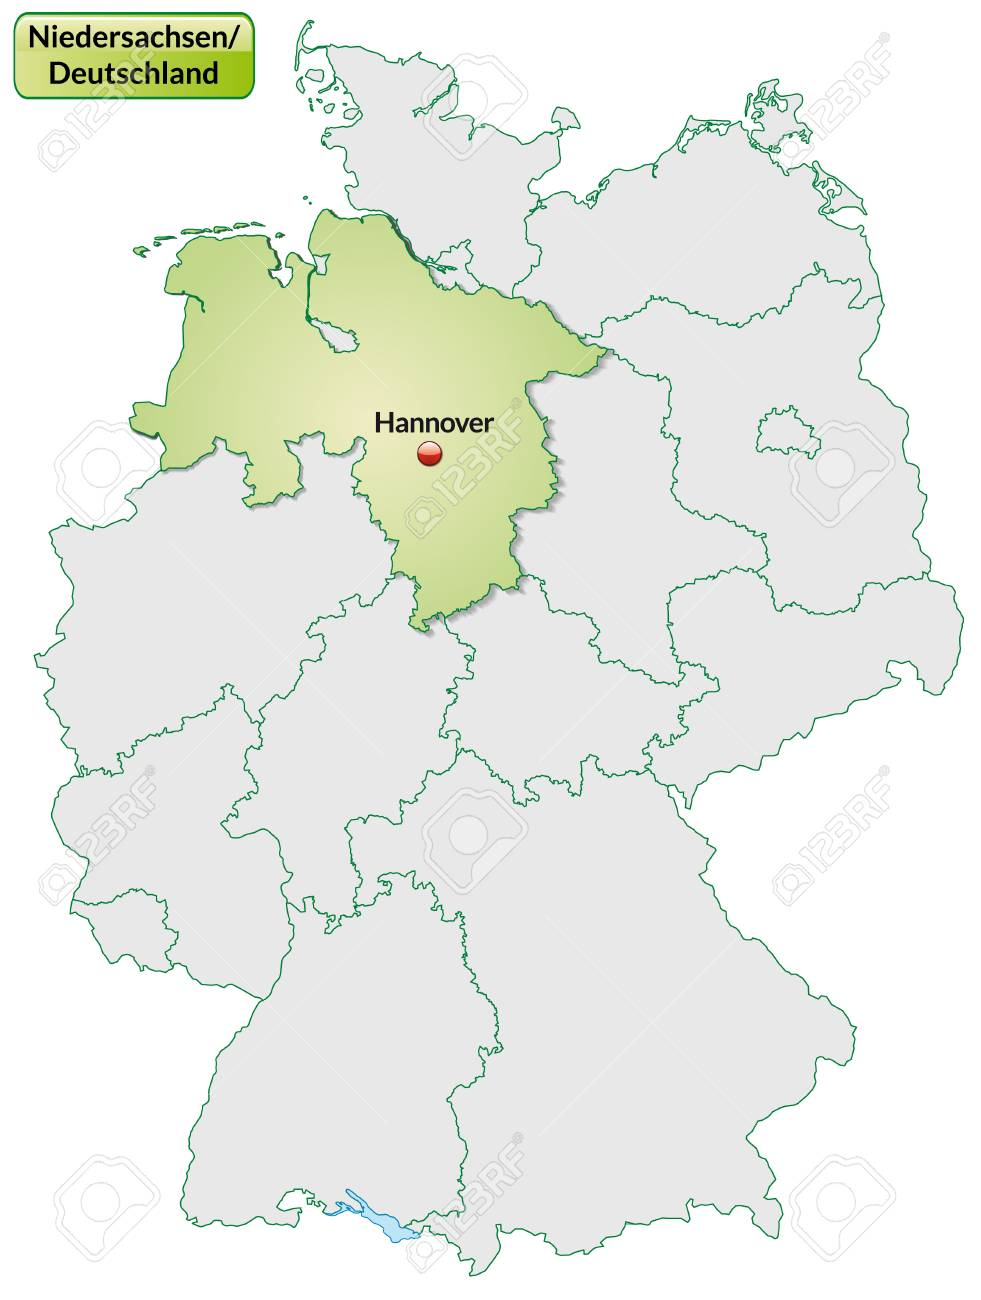 Karte Von Niedersachsen Mit Den Wichtigsten Stadten In Pastellgrun